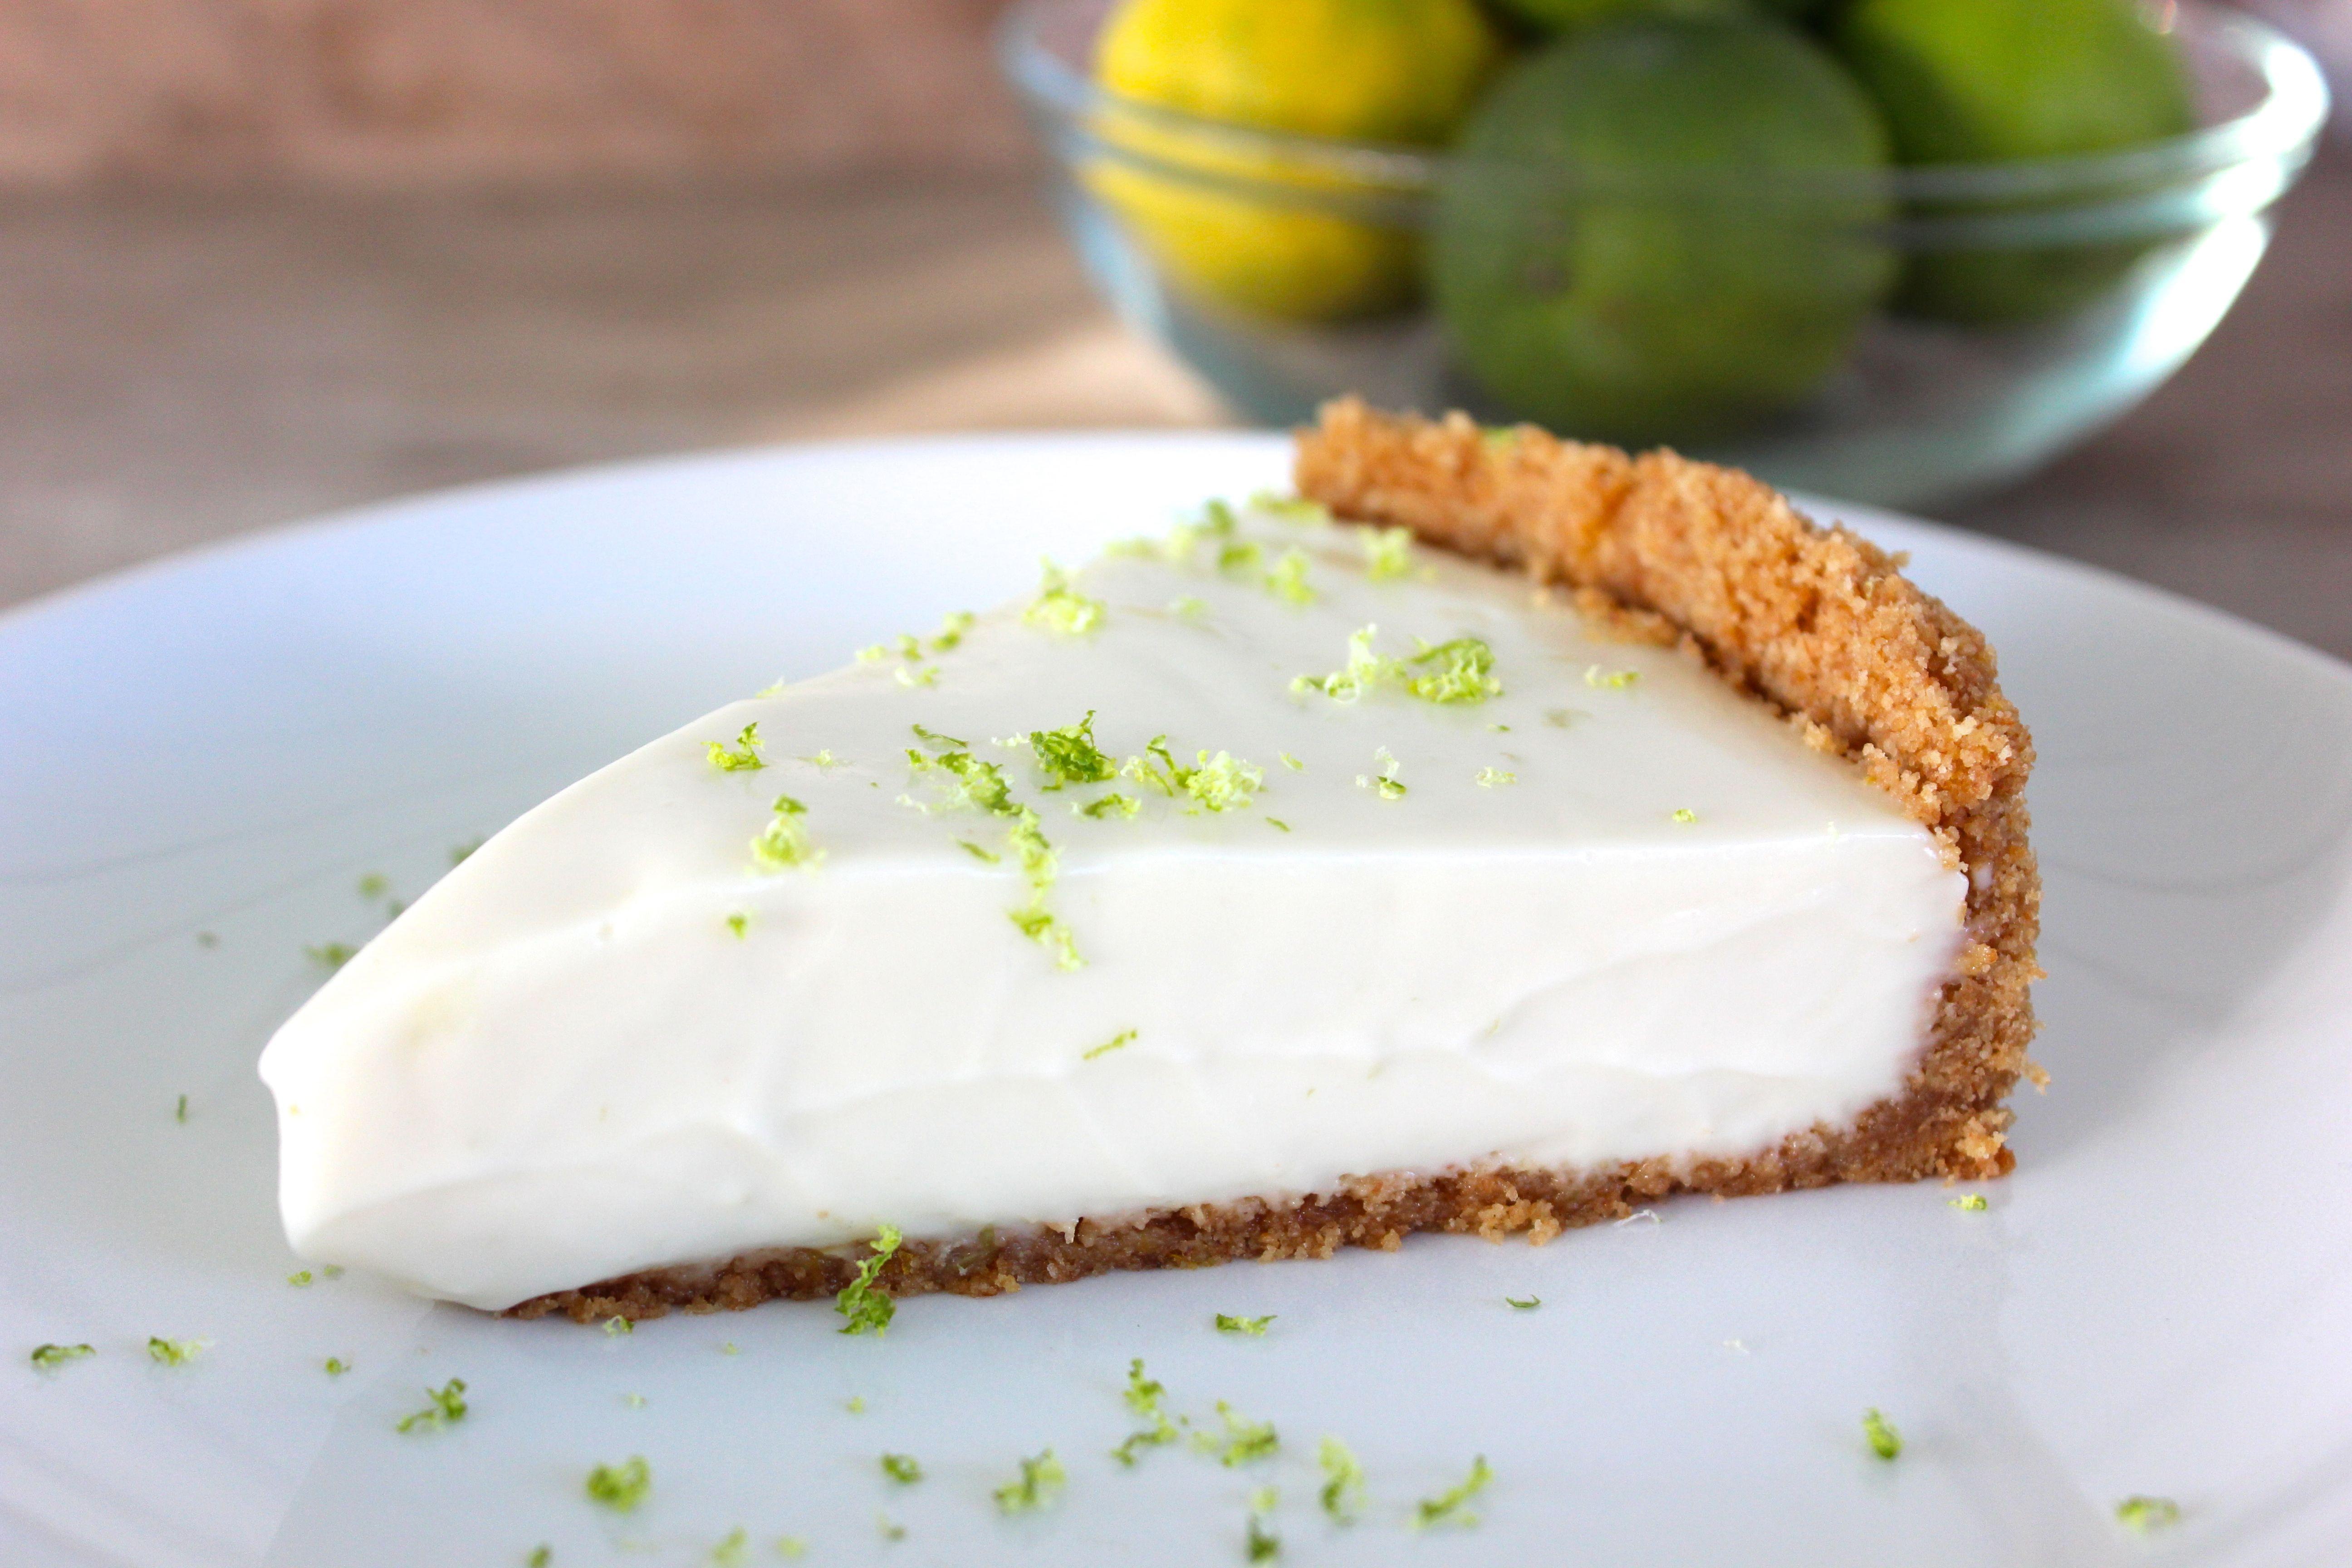 Paleo Key Lime Pie  Paleo Dessert No Bake Key Lime Pie